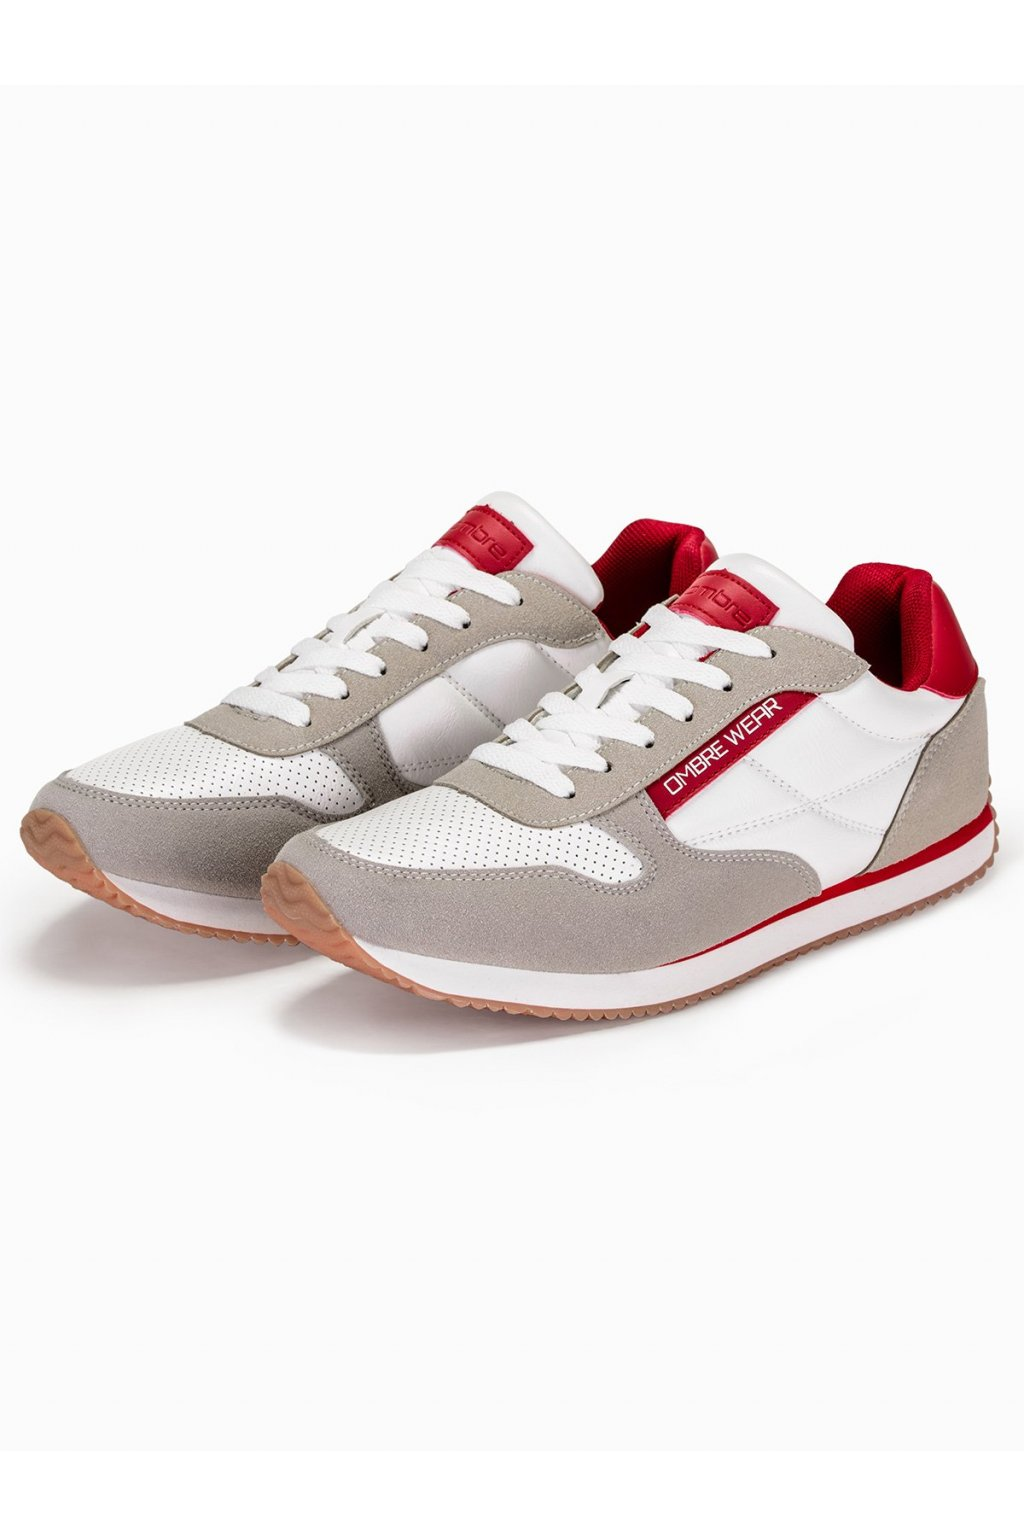 Men's casual sneakers T310 - beige